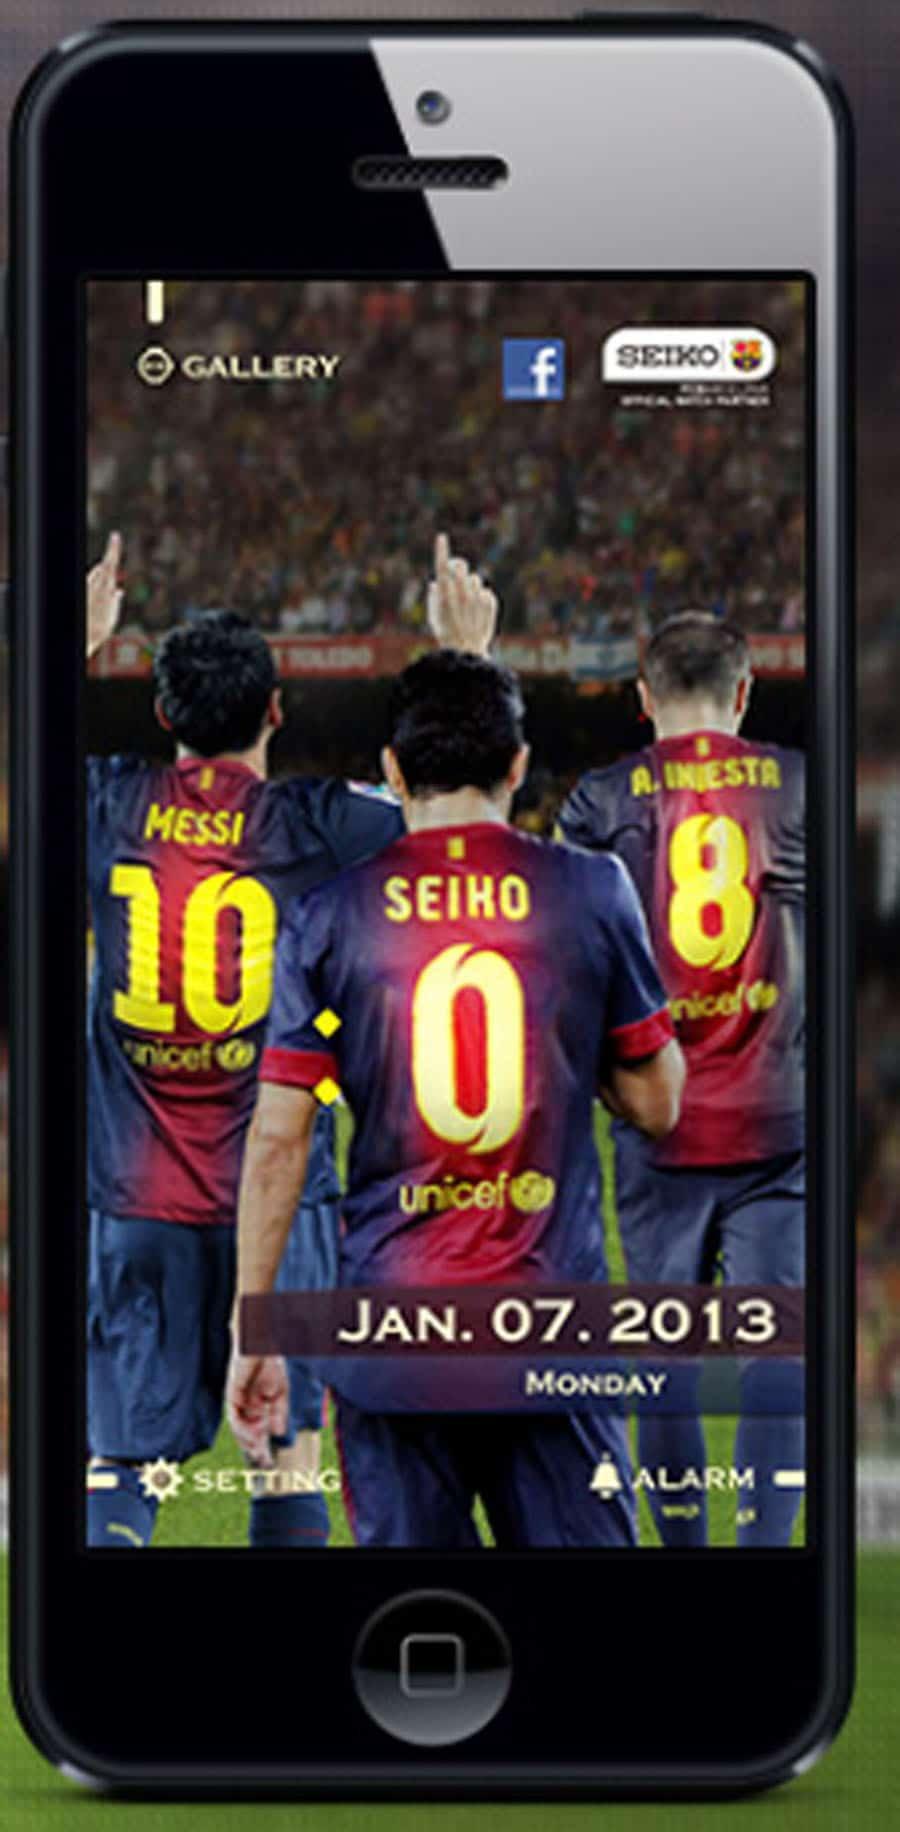 Die App bietet u.a. eine Zeitanzeige für Fußballbegeisterte: Die aktuelle Zeit wird als Rückennummer auf den Trikots der FCB Kicker dargestellt.